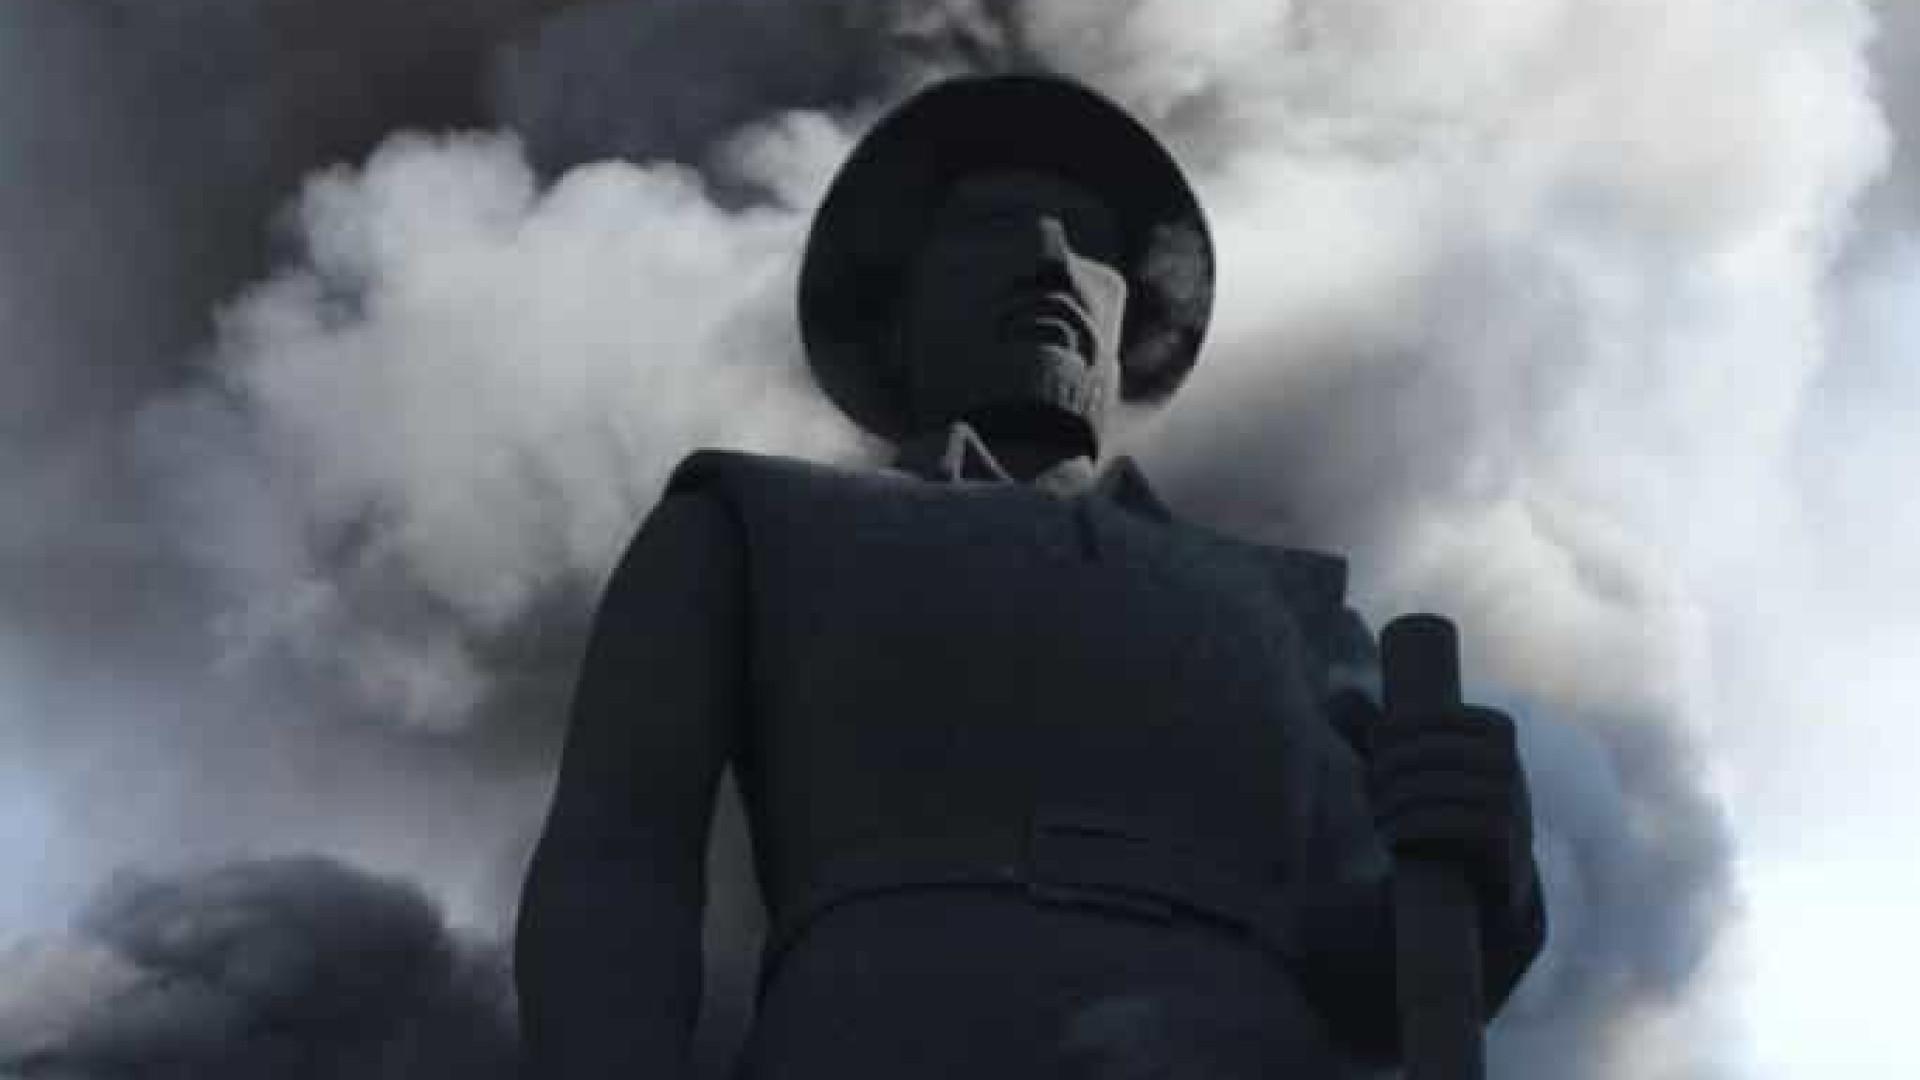 Preso suspeito de atear fogo em estátua de Borba Gato